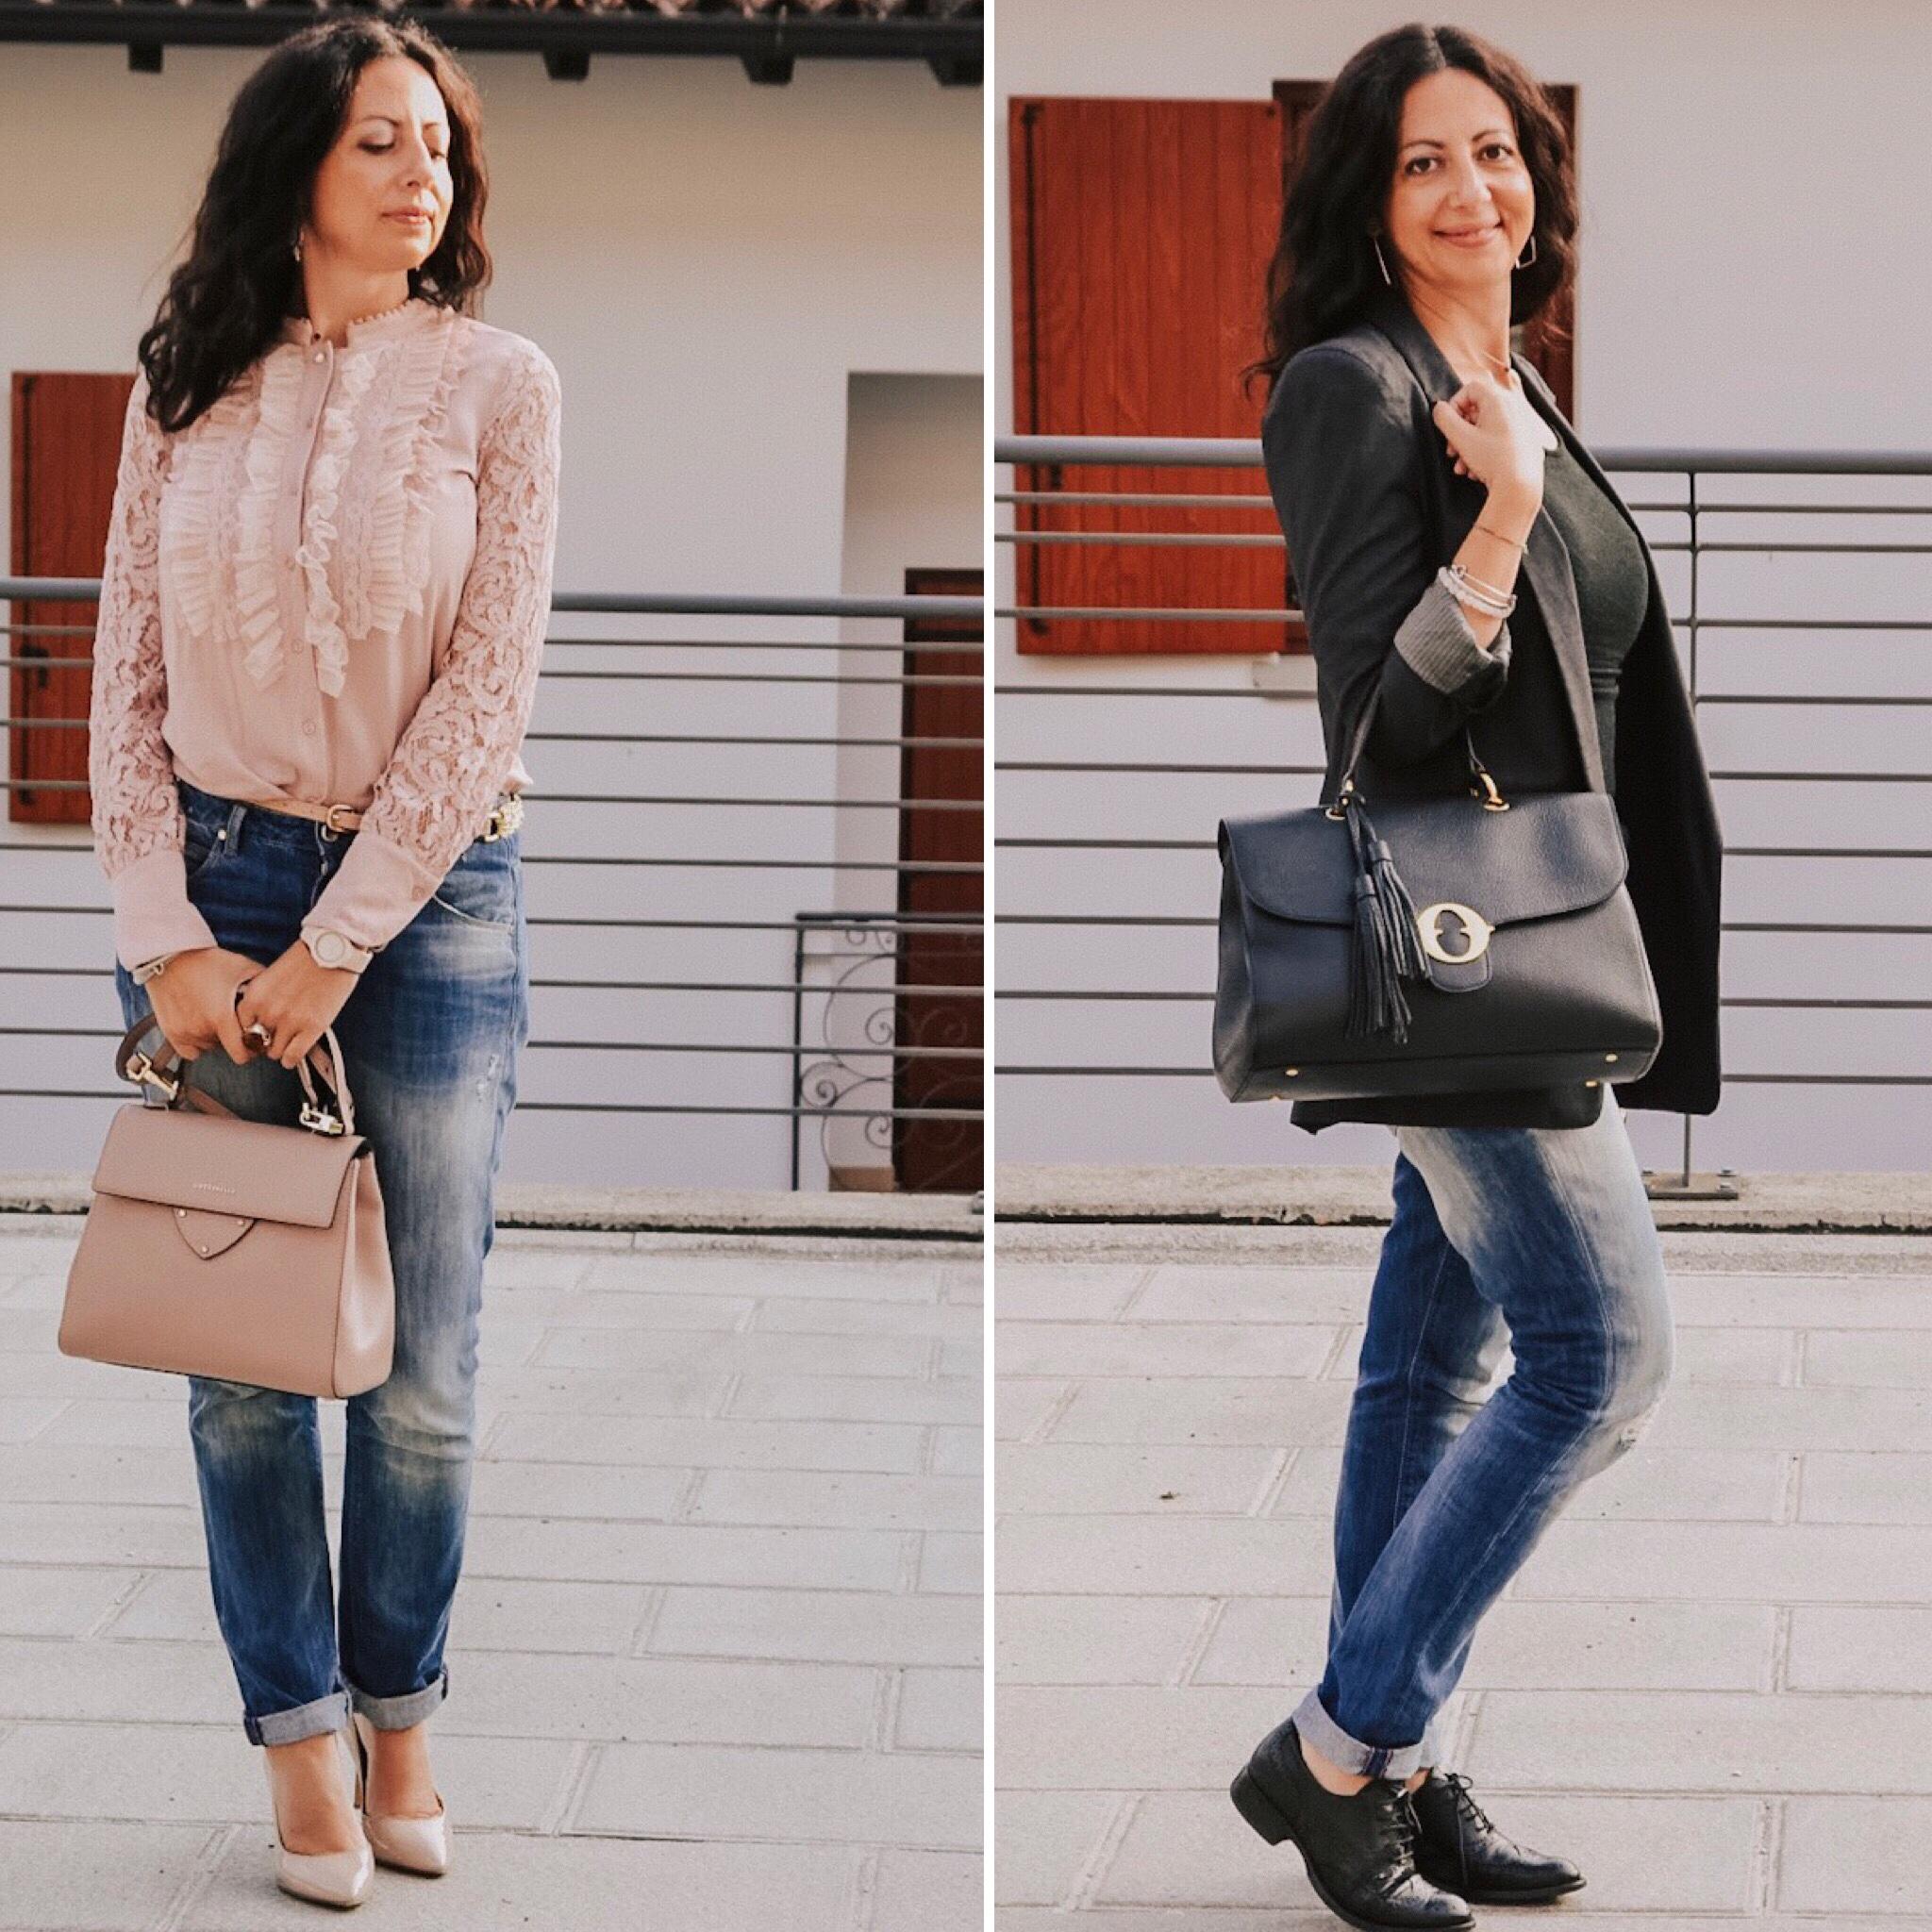 Come indossare i jeans boyfriend - The Fashion Cherry Diary